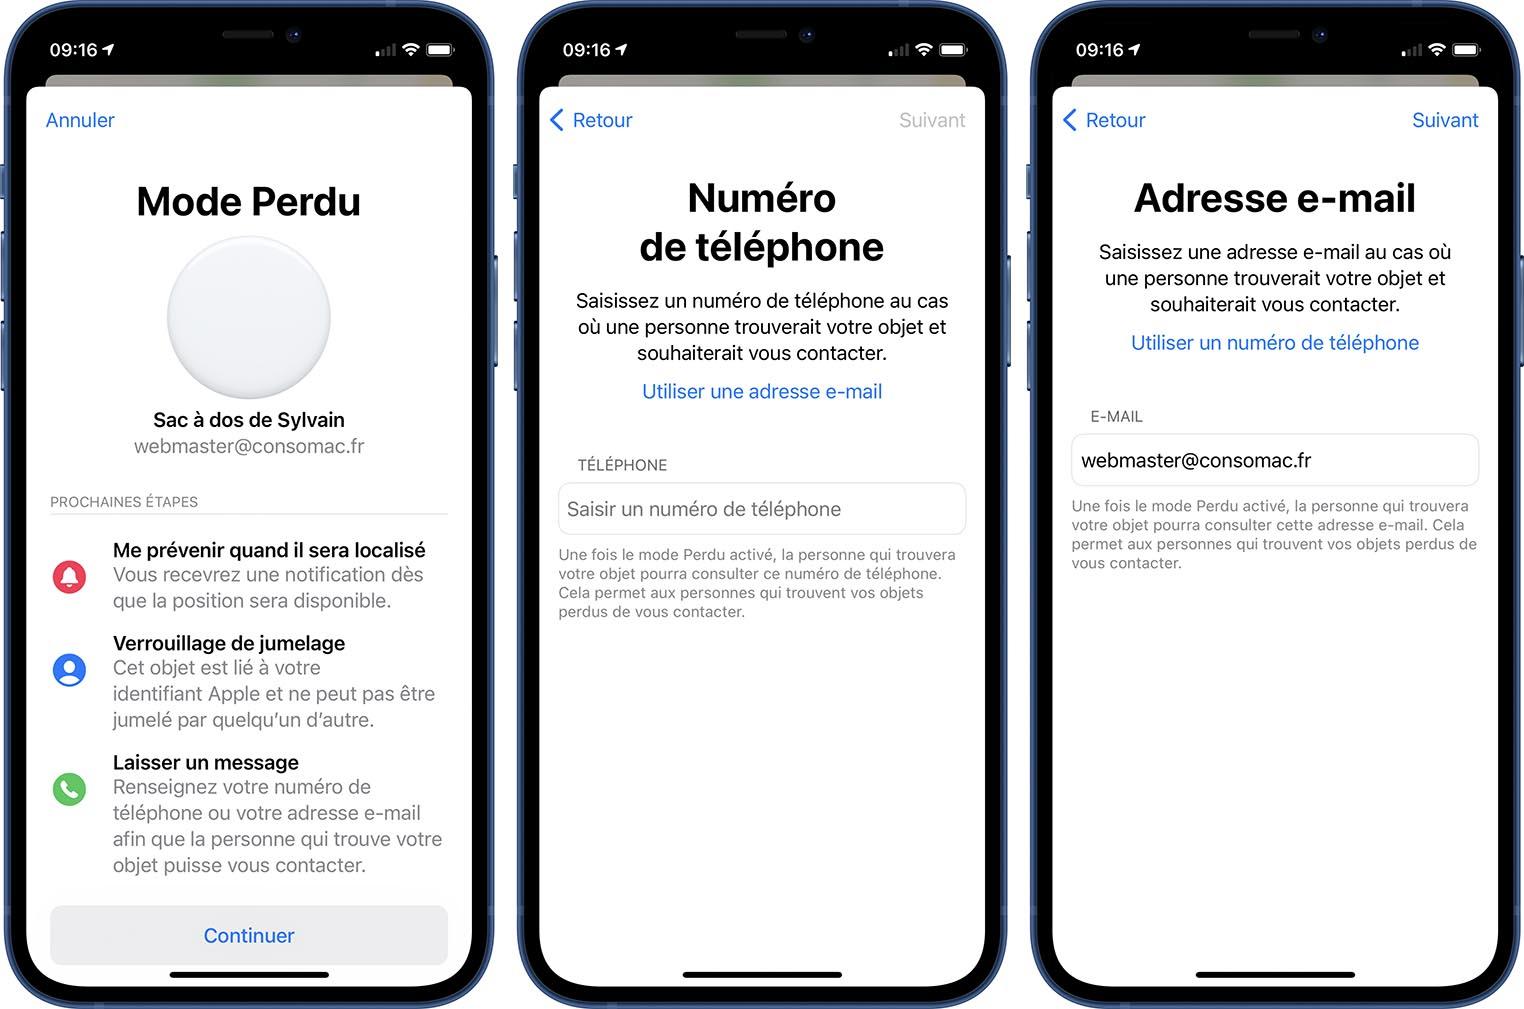 AirTag iOS 14.6 Mode perdu e-mail